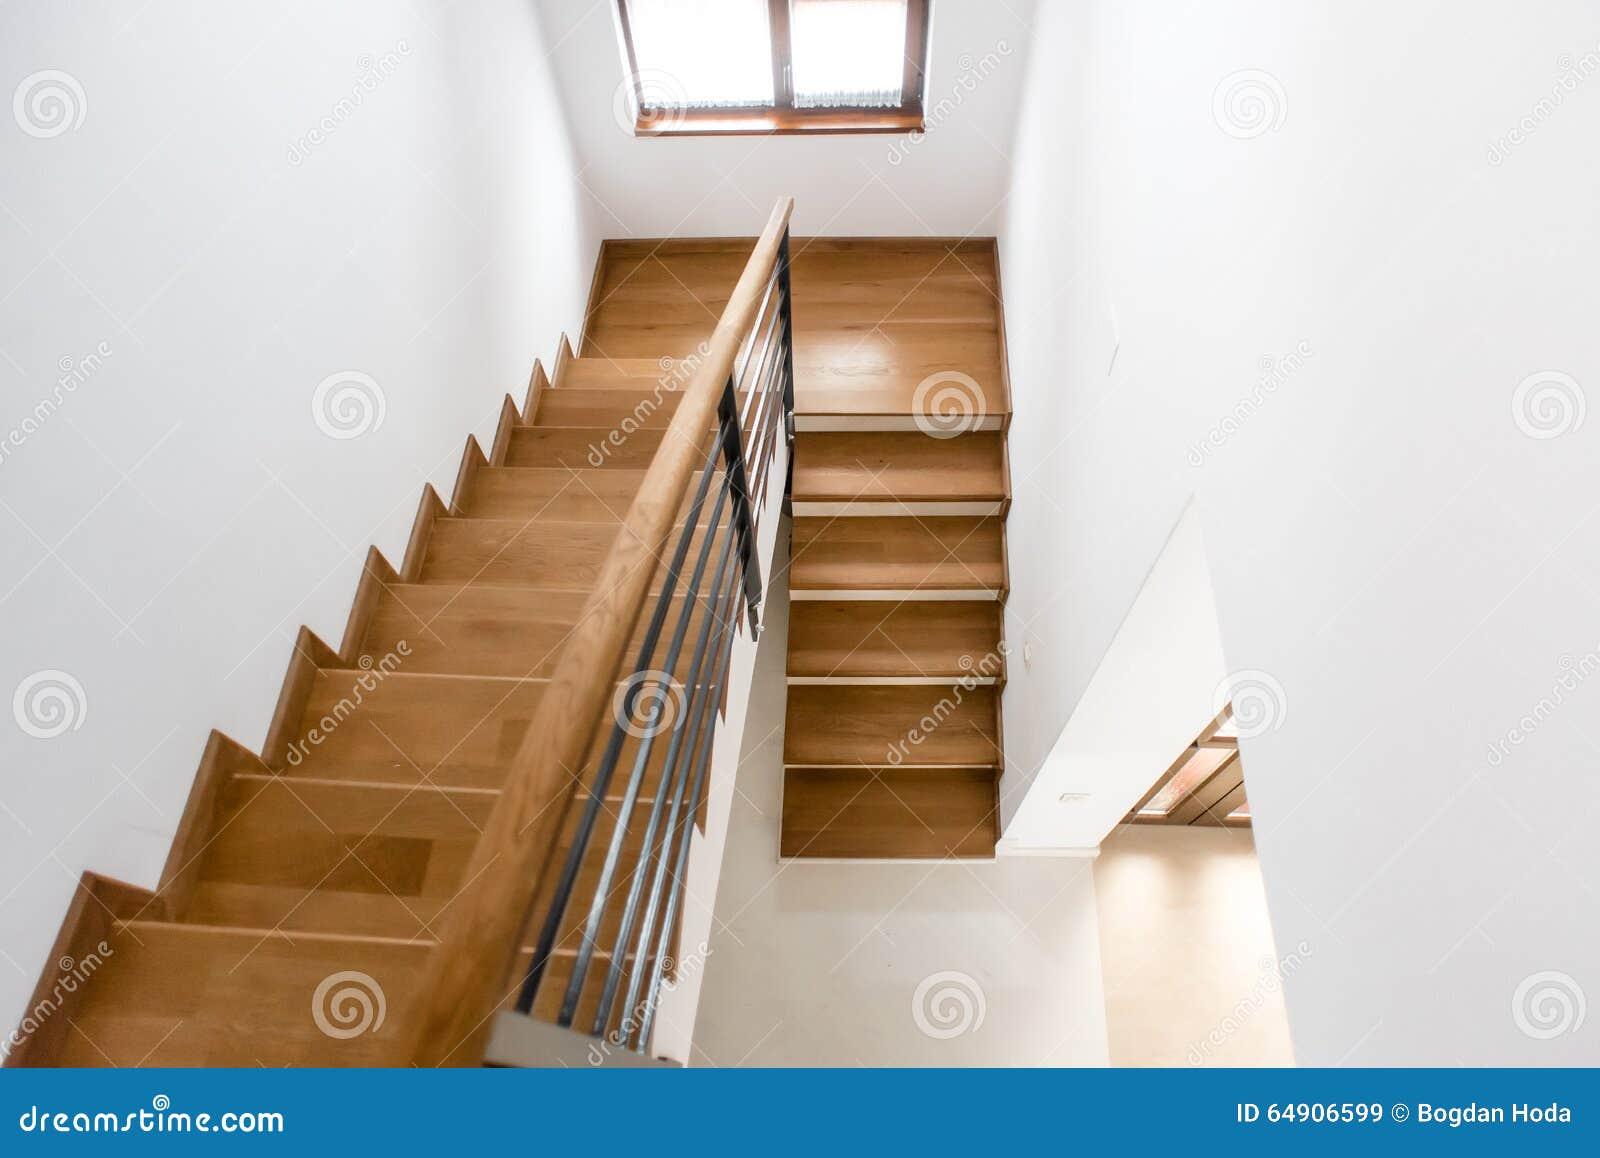 Conception int rieure escalier minimaliste en bois dans la for Maison minimaliste bois